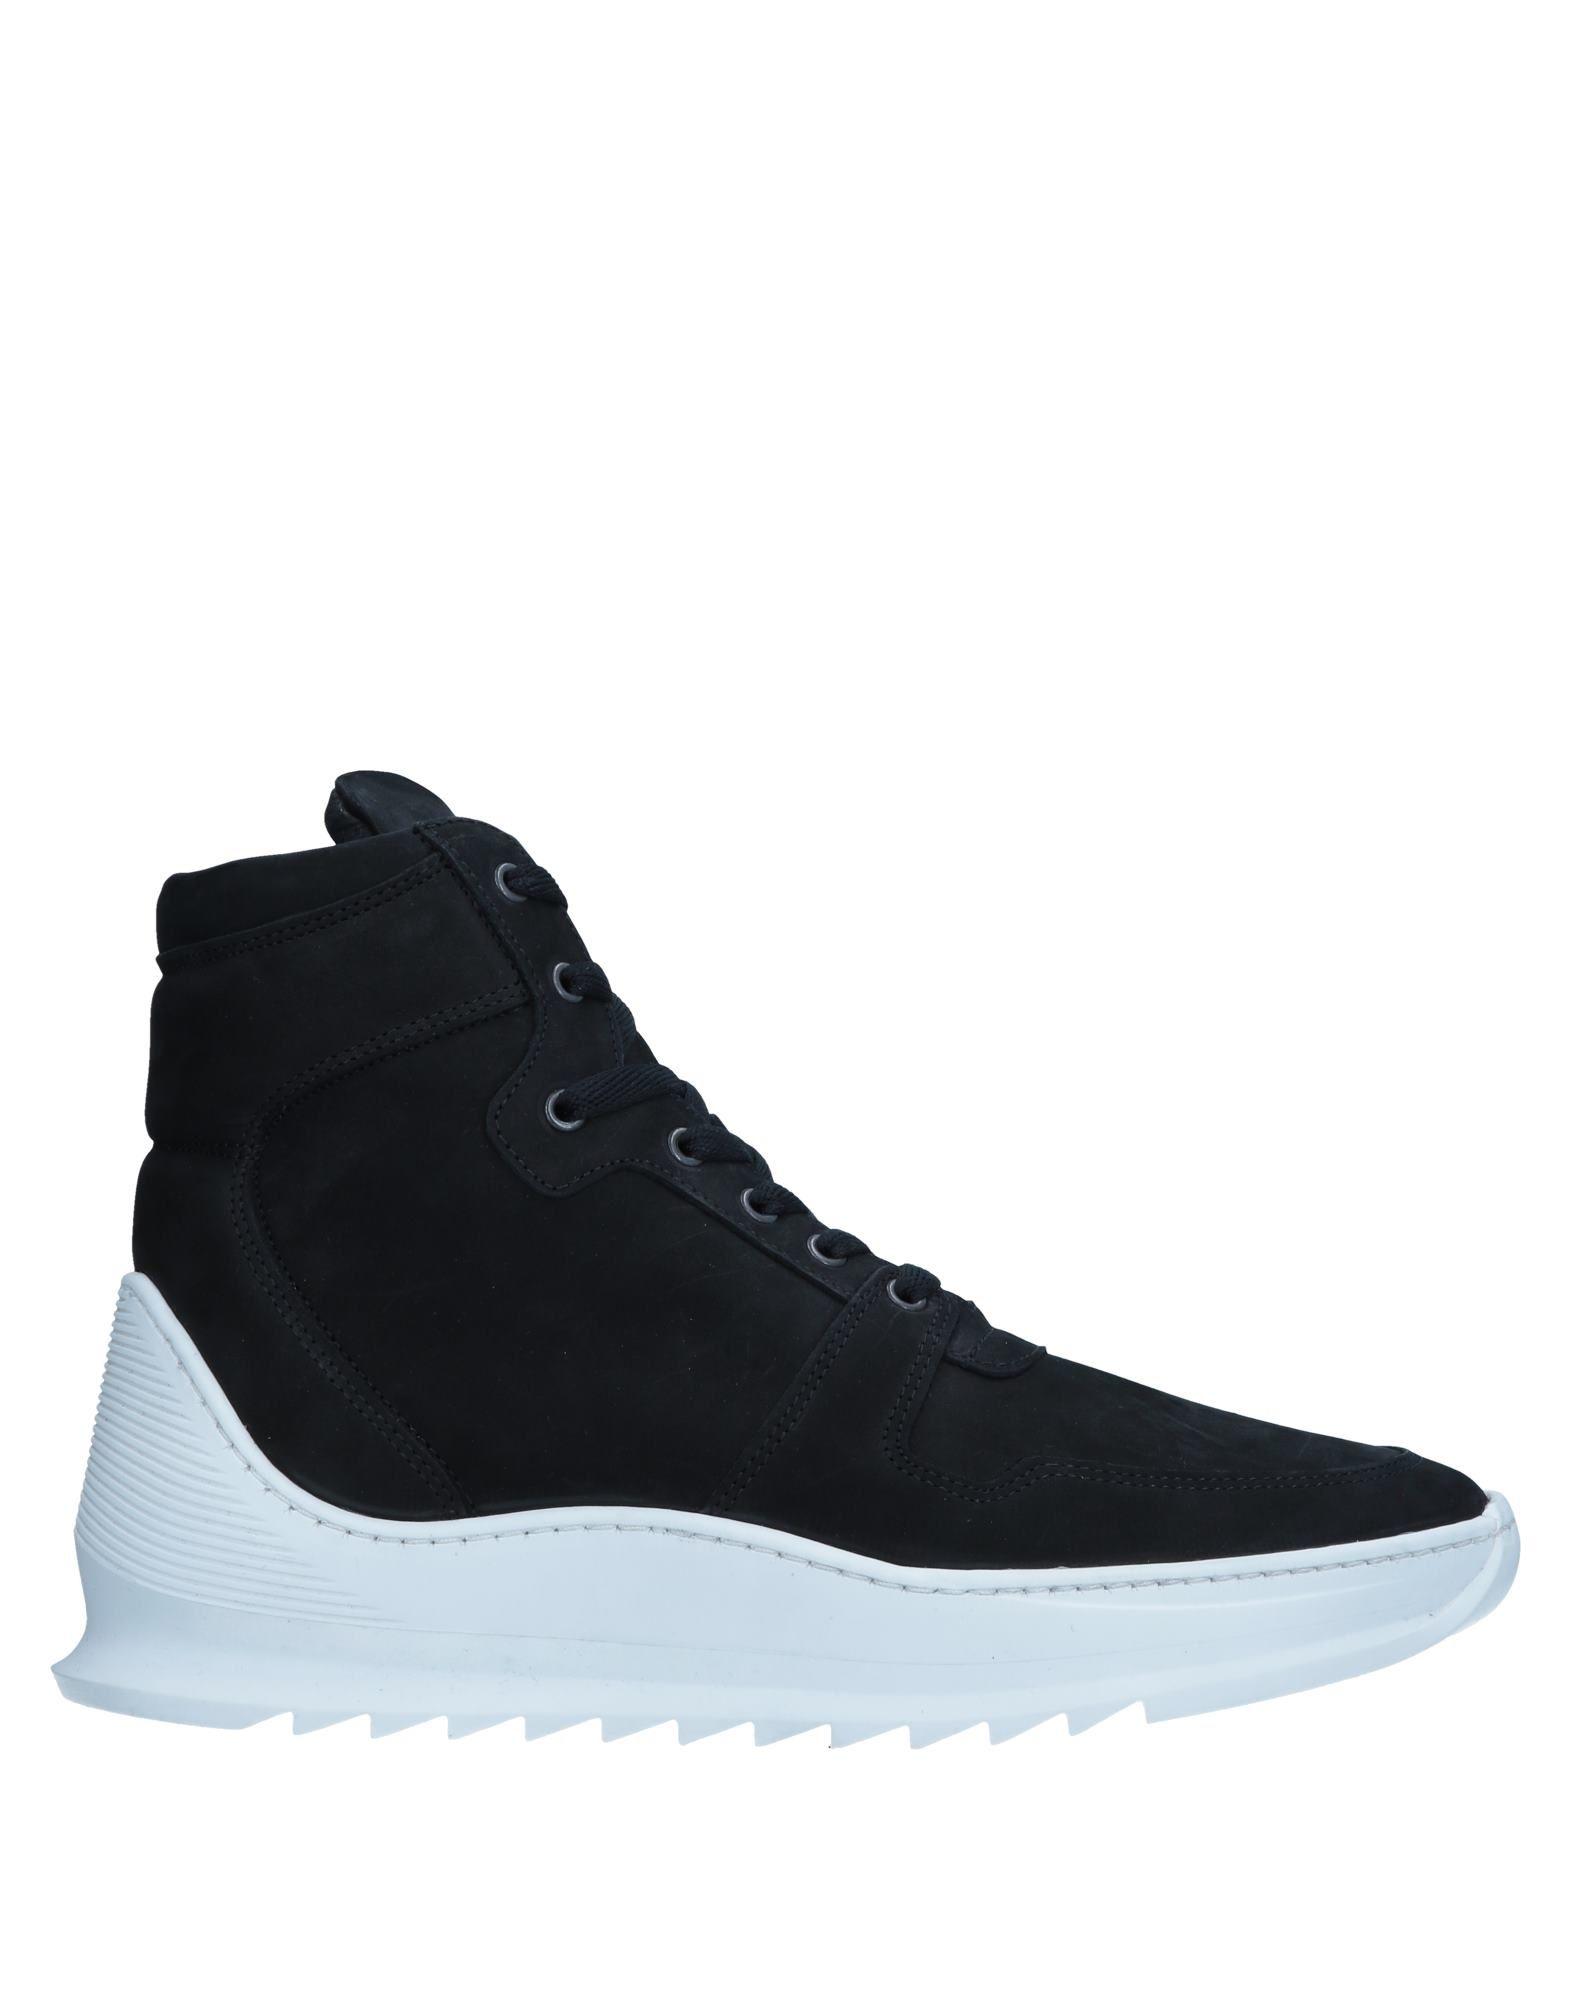 Sneakers Filling Pieces Homme - Sneakers Filling Pieces  Noir Super rabais